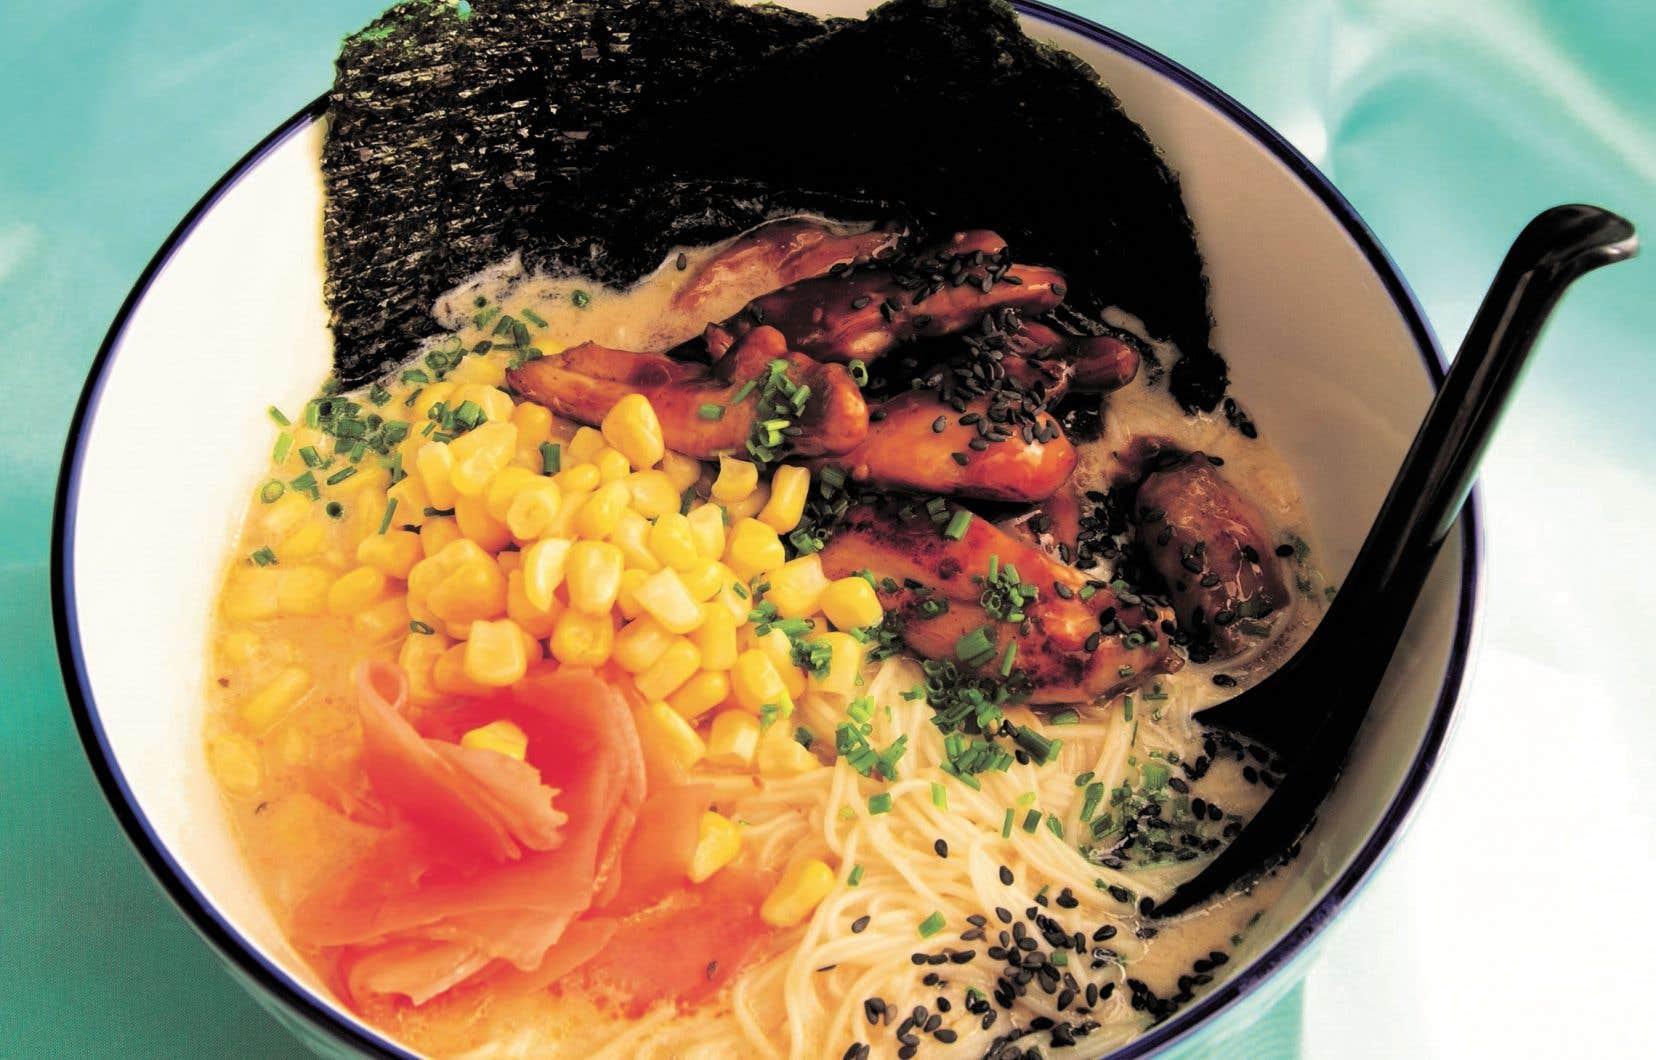 Dans son dernier livre de recettes, Geneviève Everell partage son amour pour la soupe-repas (comme sa soupe Teriyaki maïs).